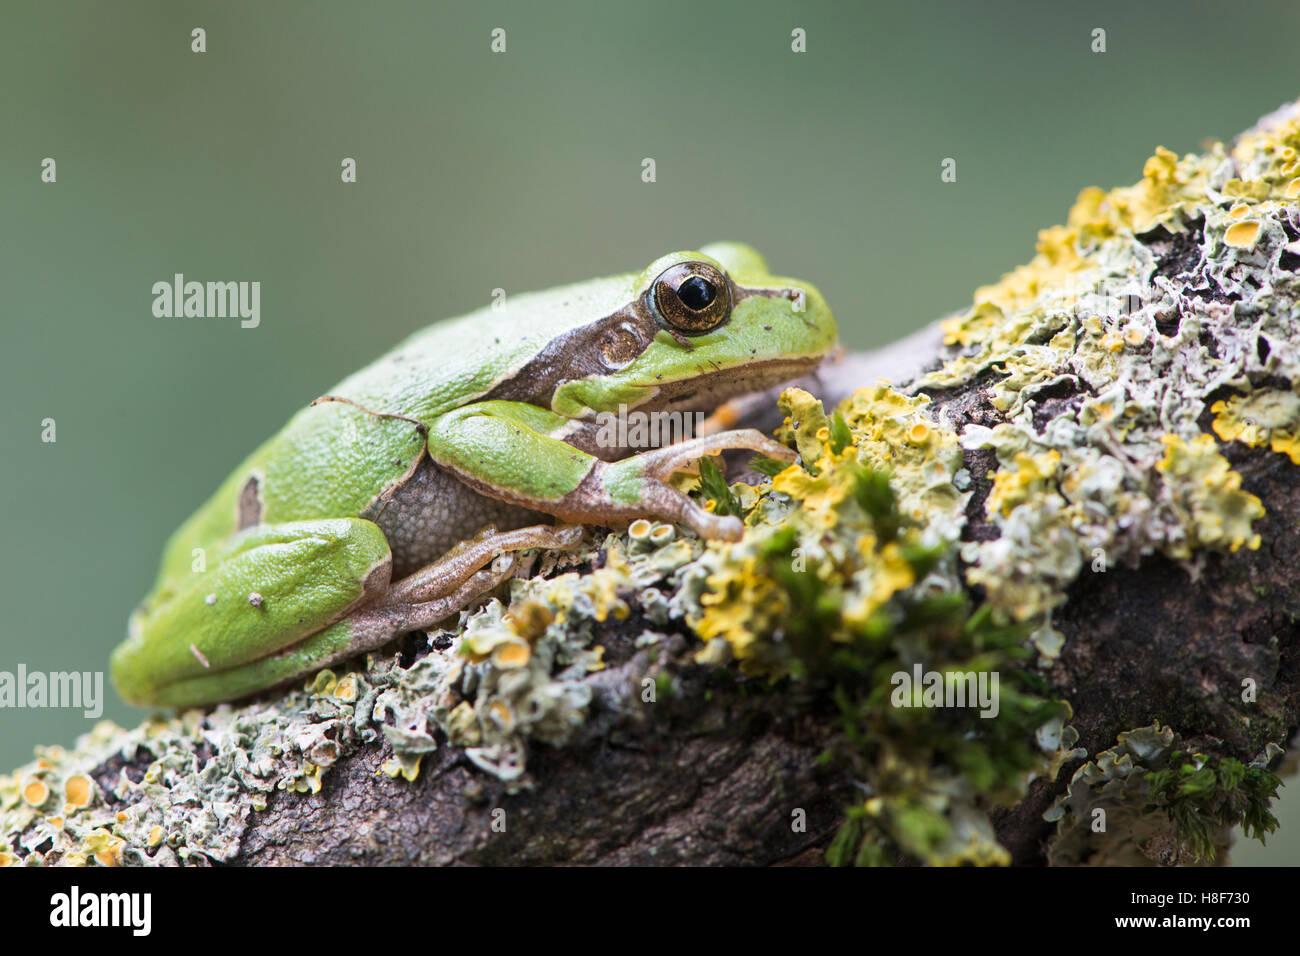 Tree frog (Hyla arborea) on mossy branch, Rhineland-Palatinate, Germany - Stock Image